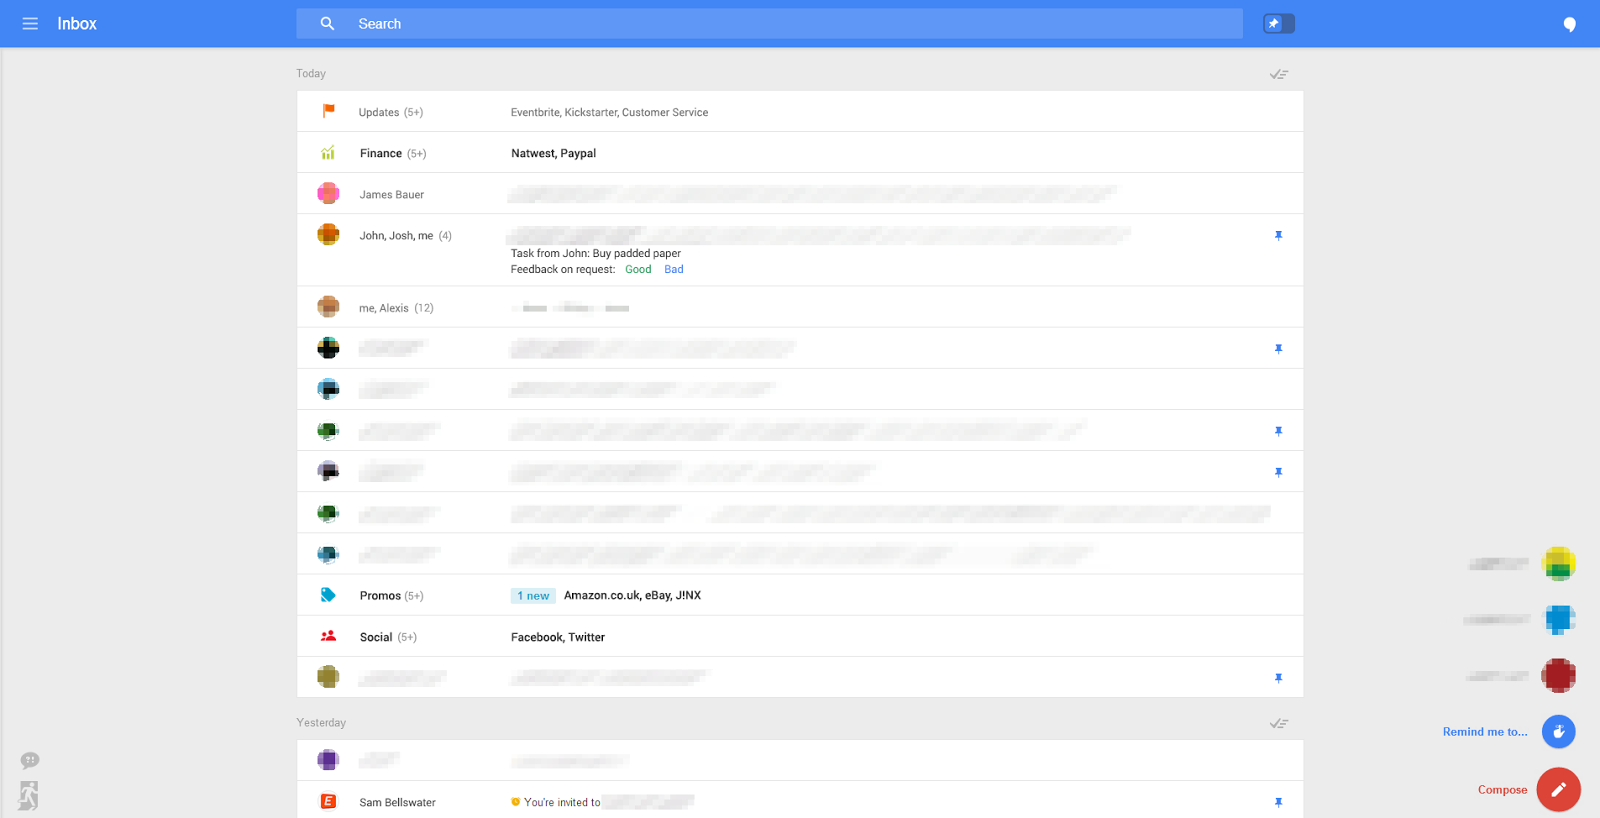 http://4.bp.blogspot.com/-pyUvfs1JUyo/U3D4PBFL7PI/AAAAAAAAZlQ/CH2WzMoLoBw/s1600/google-gmail-design-2.png